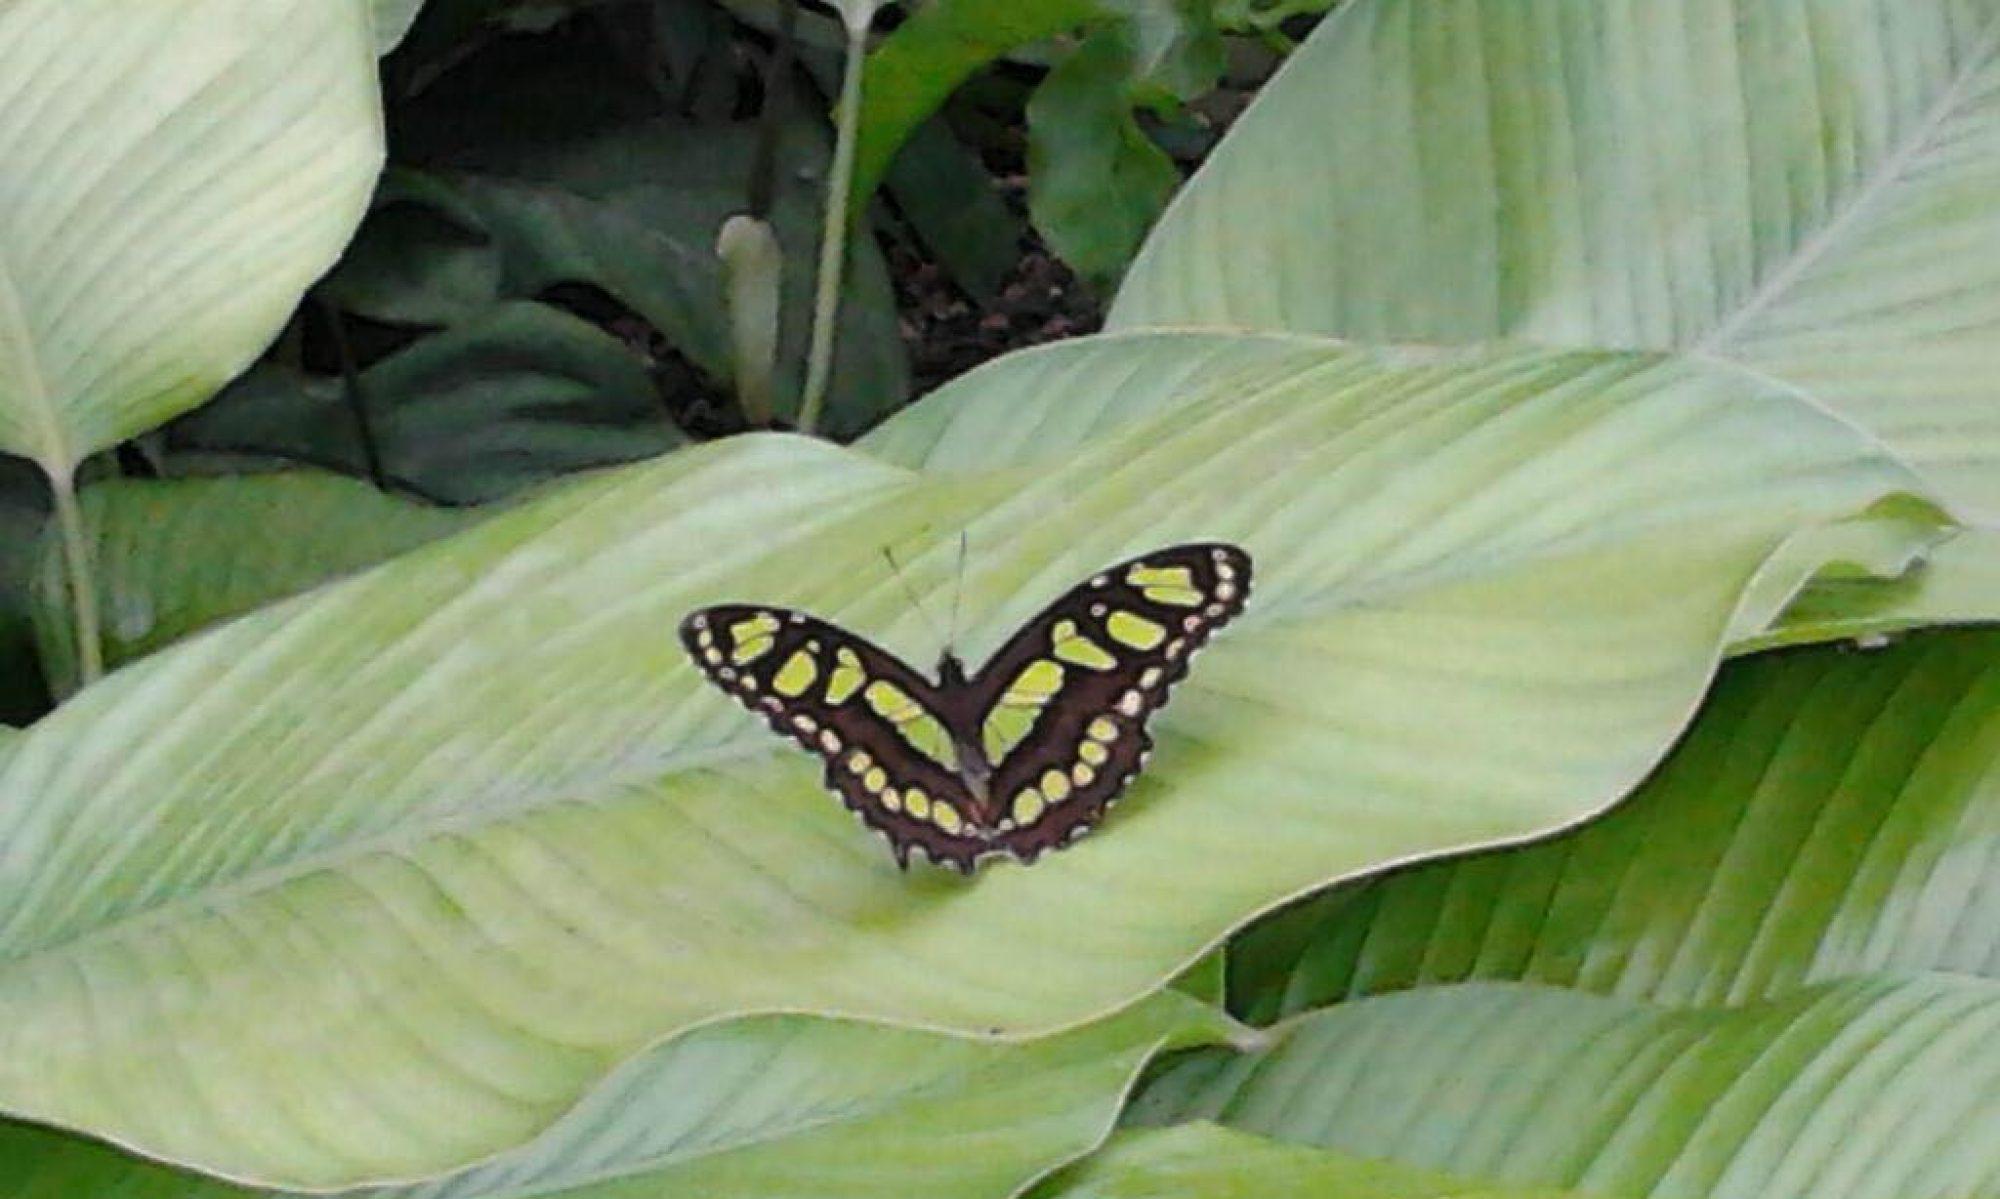 VlinderVeerkracht